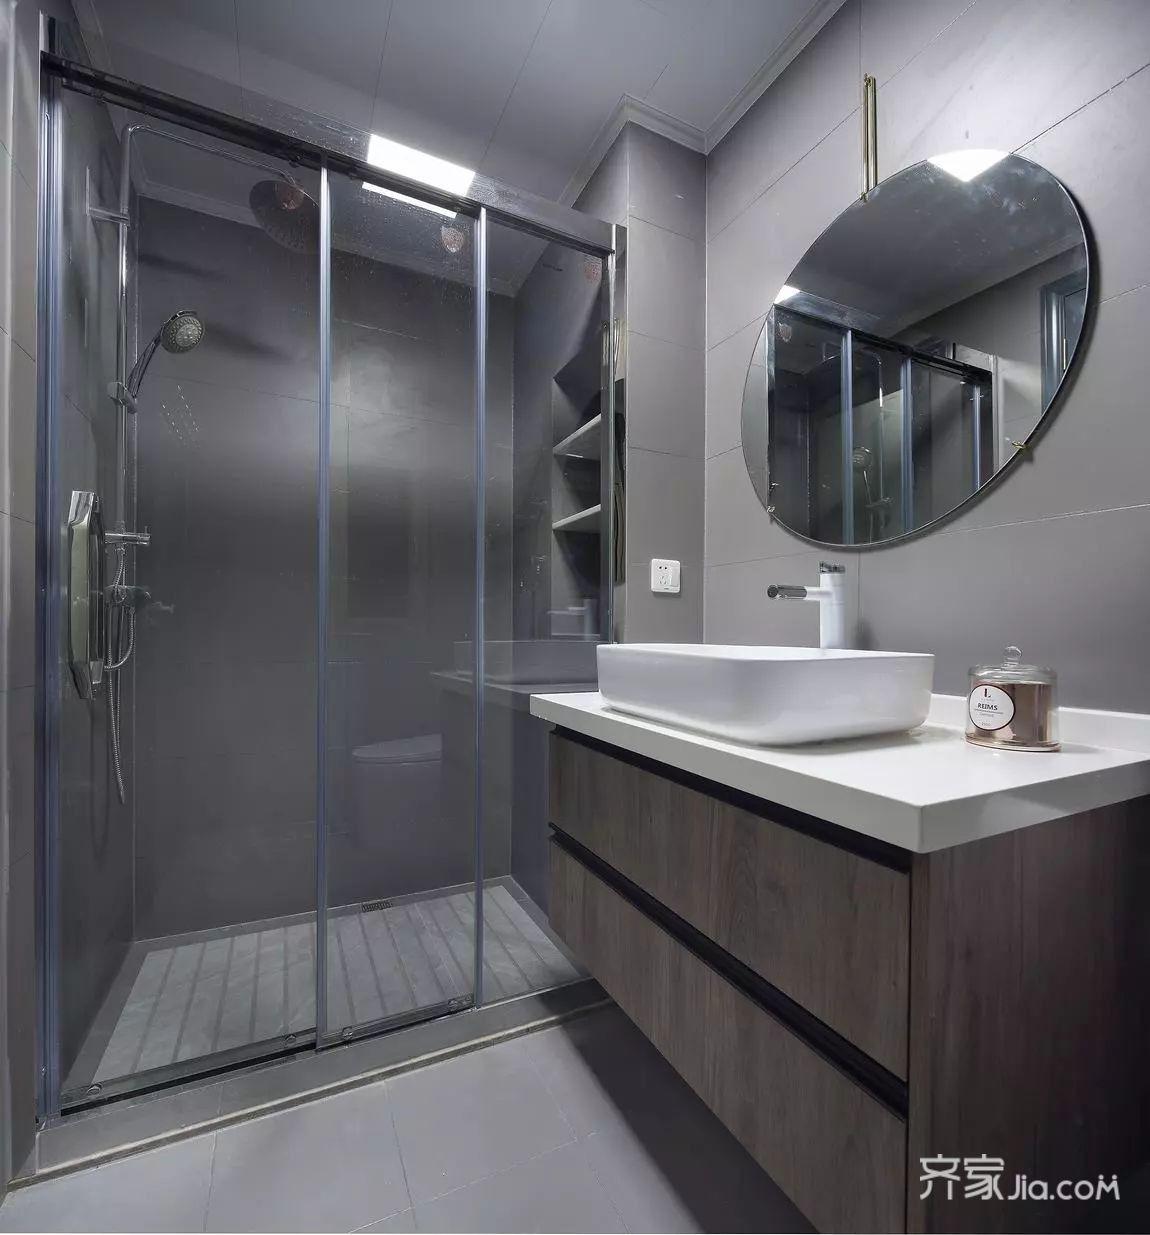 次卫生间用爵士白瓷砖,提升整个卫生间质感与档次.